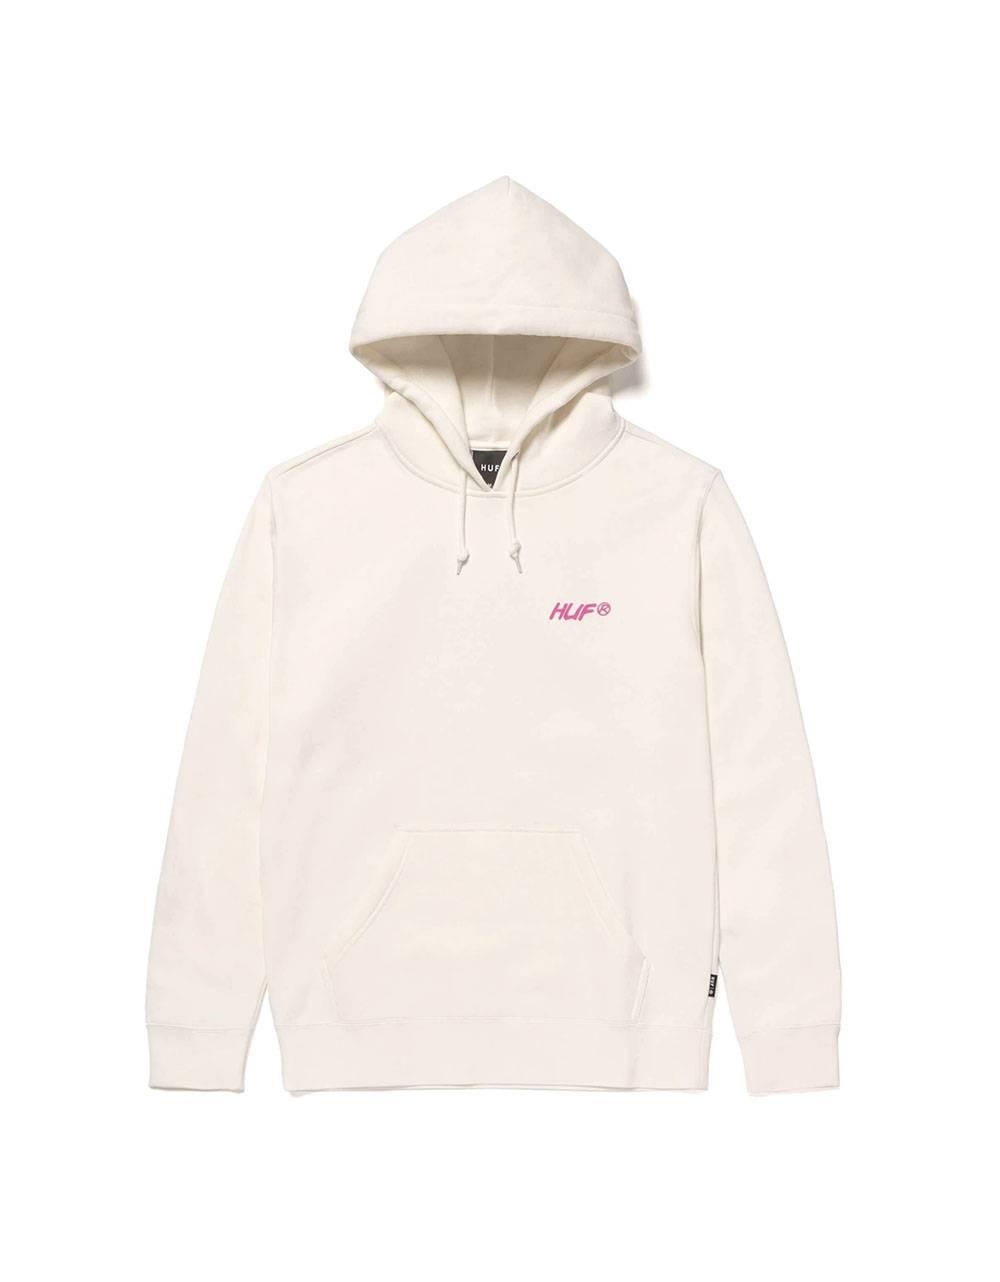 Huf I feels good hoodie - off white Huf Sweater 106,00€